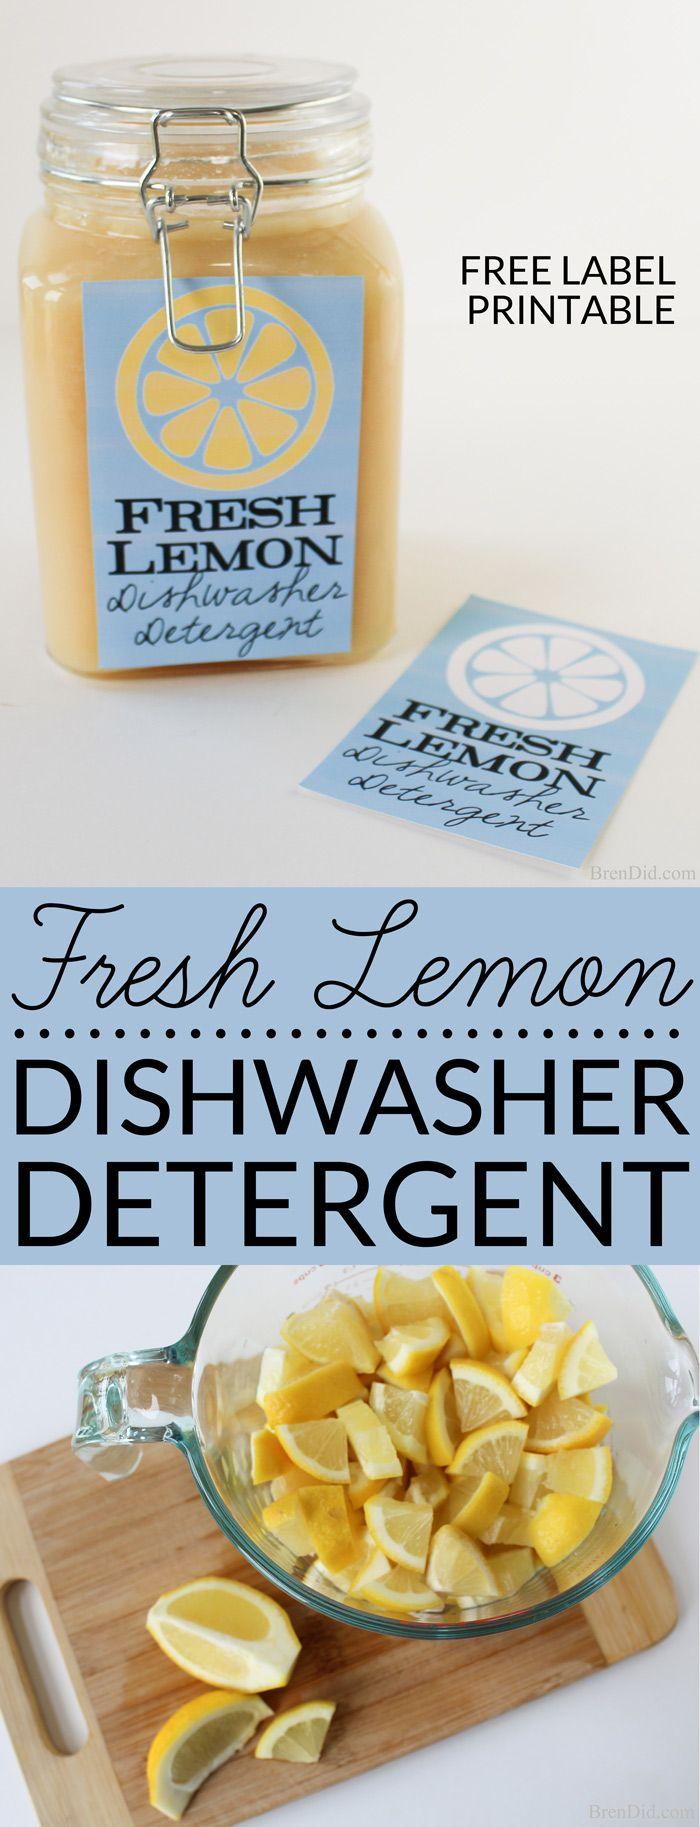 Fresh Lemon Homemade Dishwasher Detergent Homemade